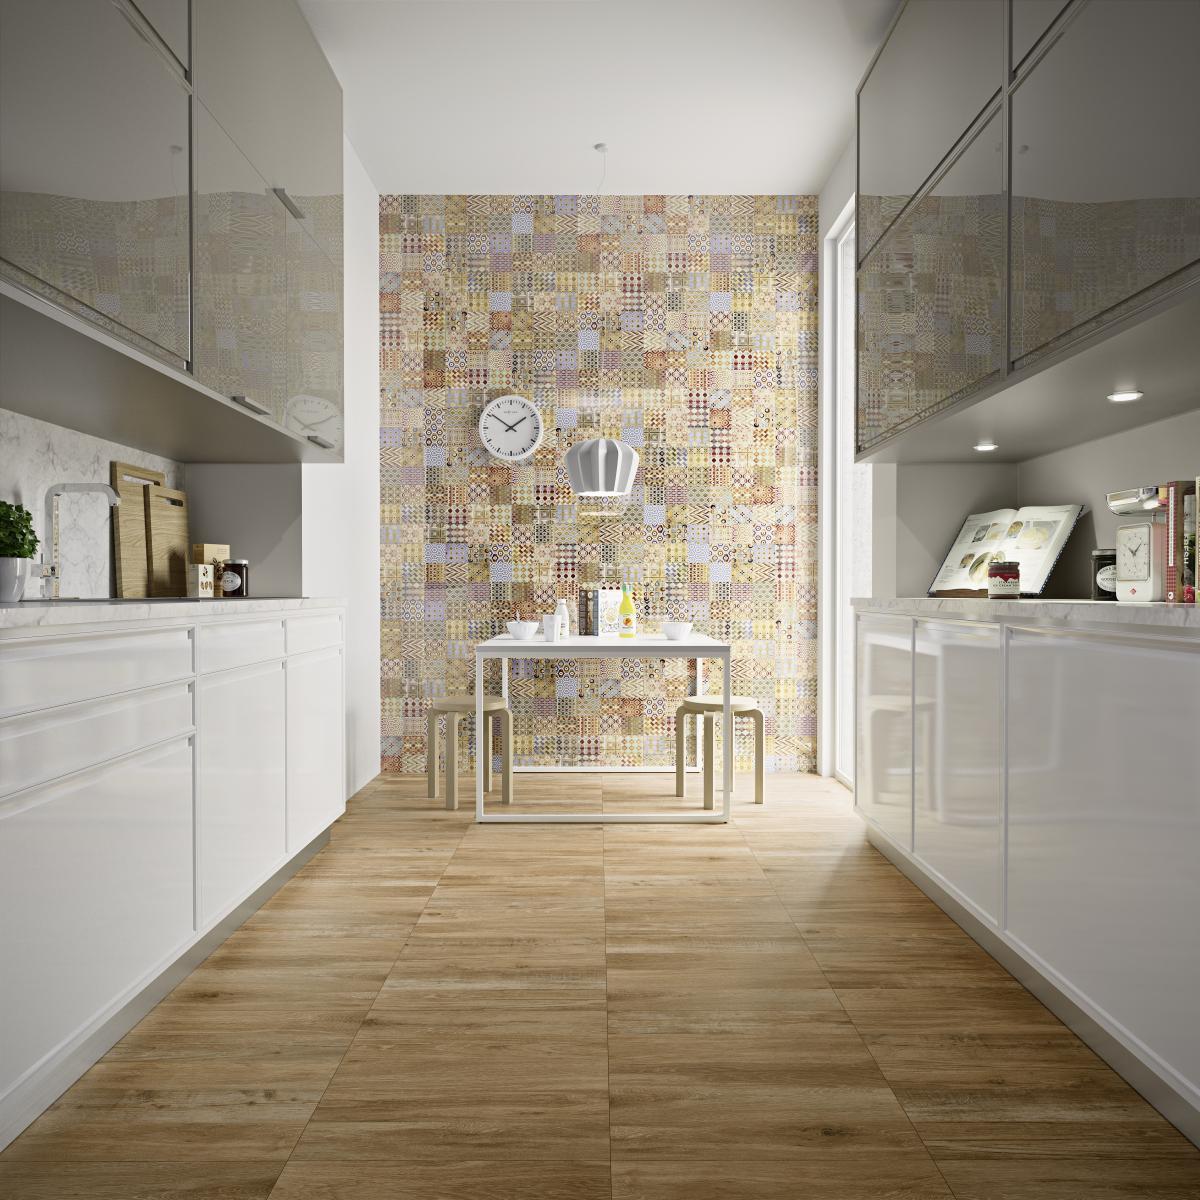 Pisos que imitam madeira 60 fotos e ideias for Fotos de recibidores de pisos